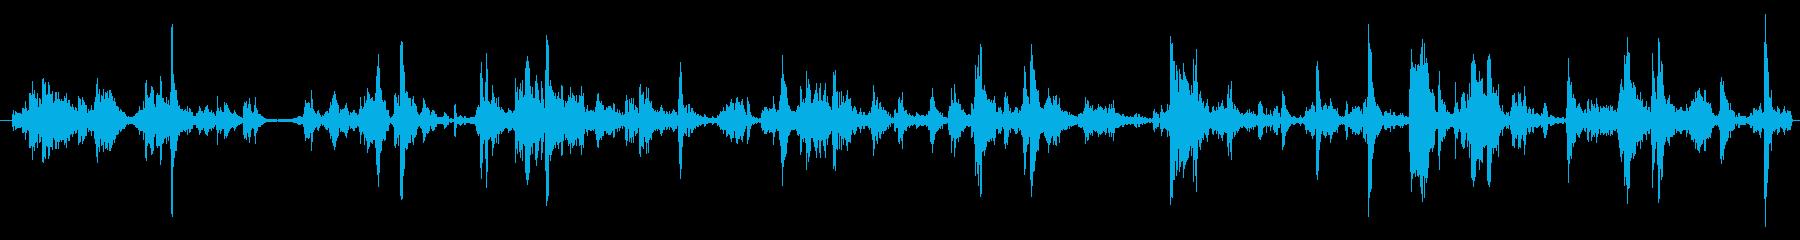 飛行機 貨物エリアランブルラトル01の再生済みの波形